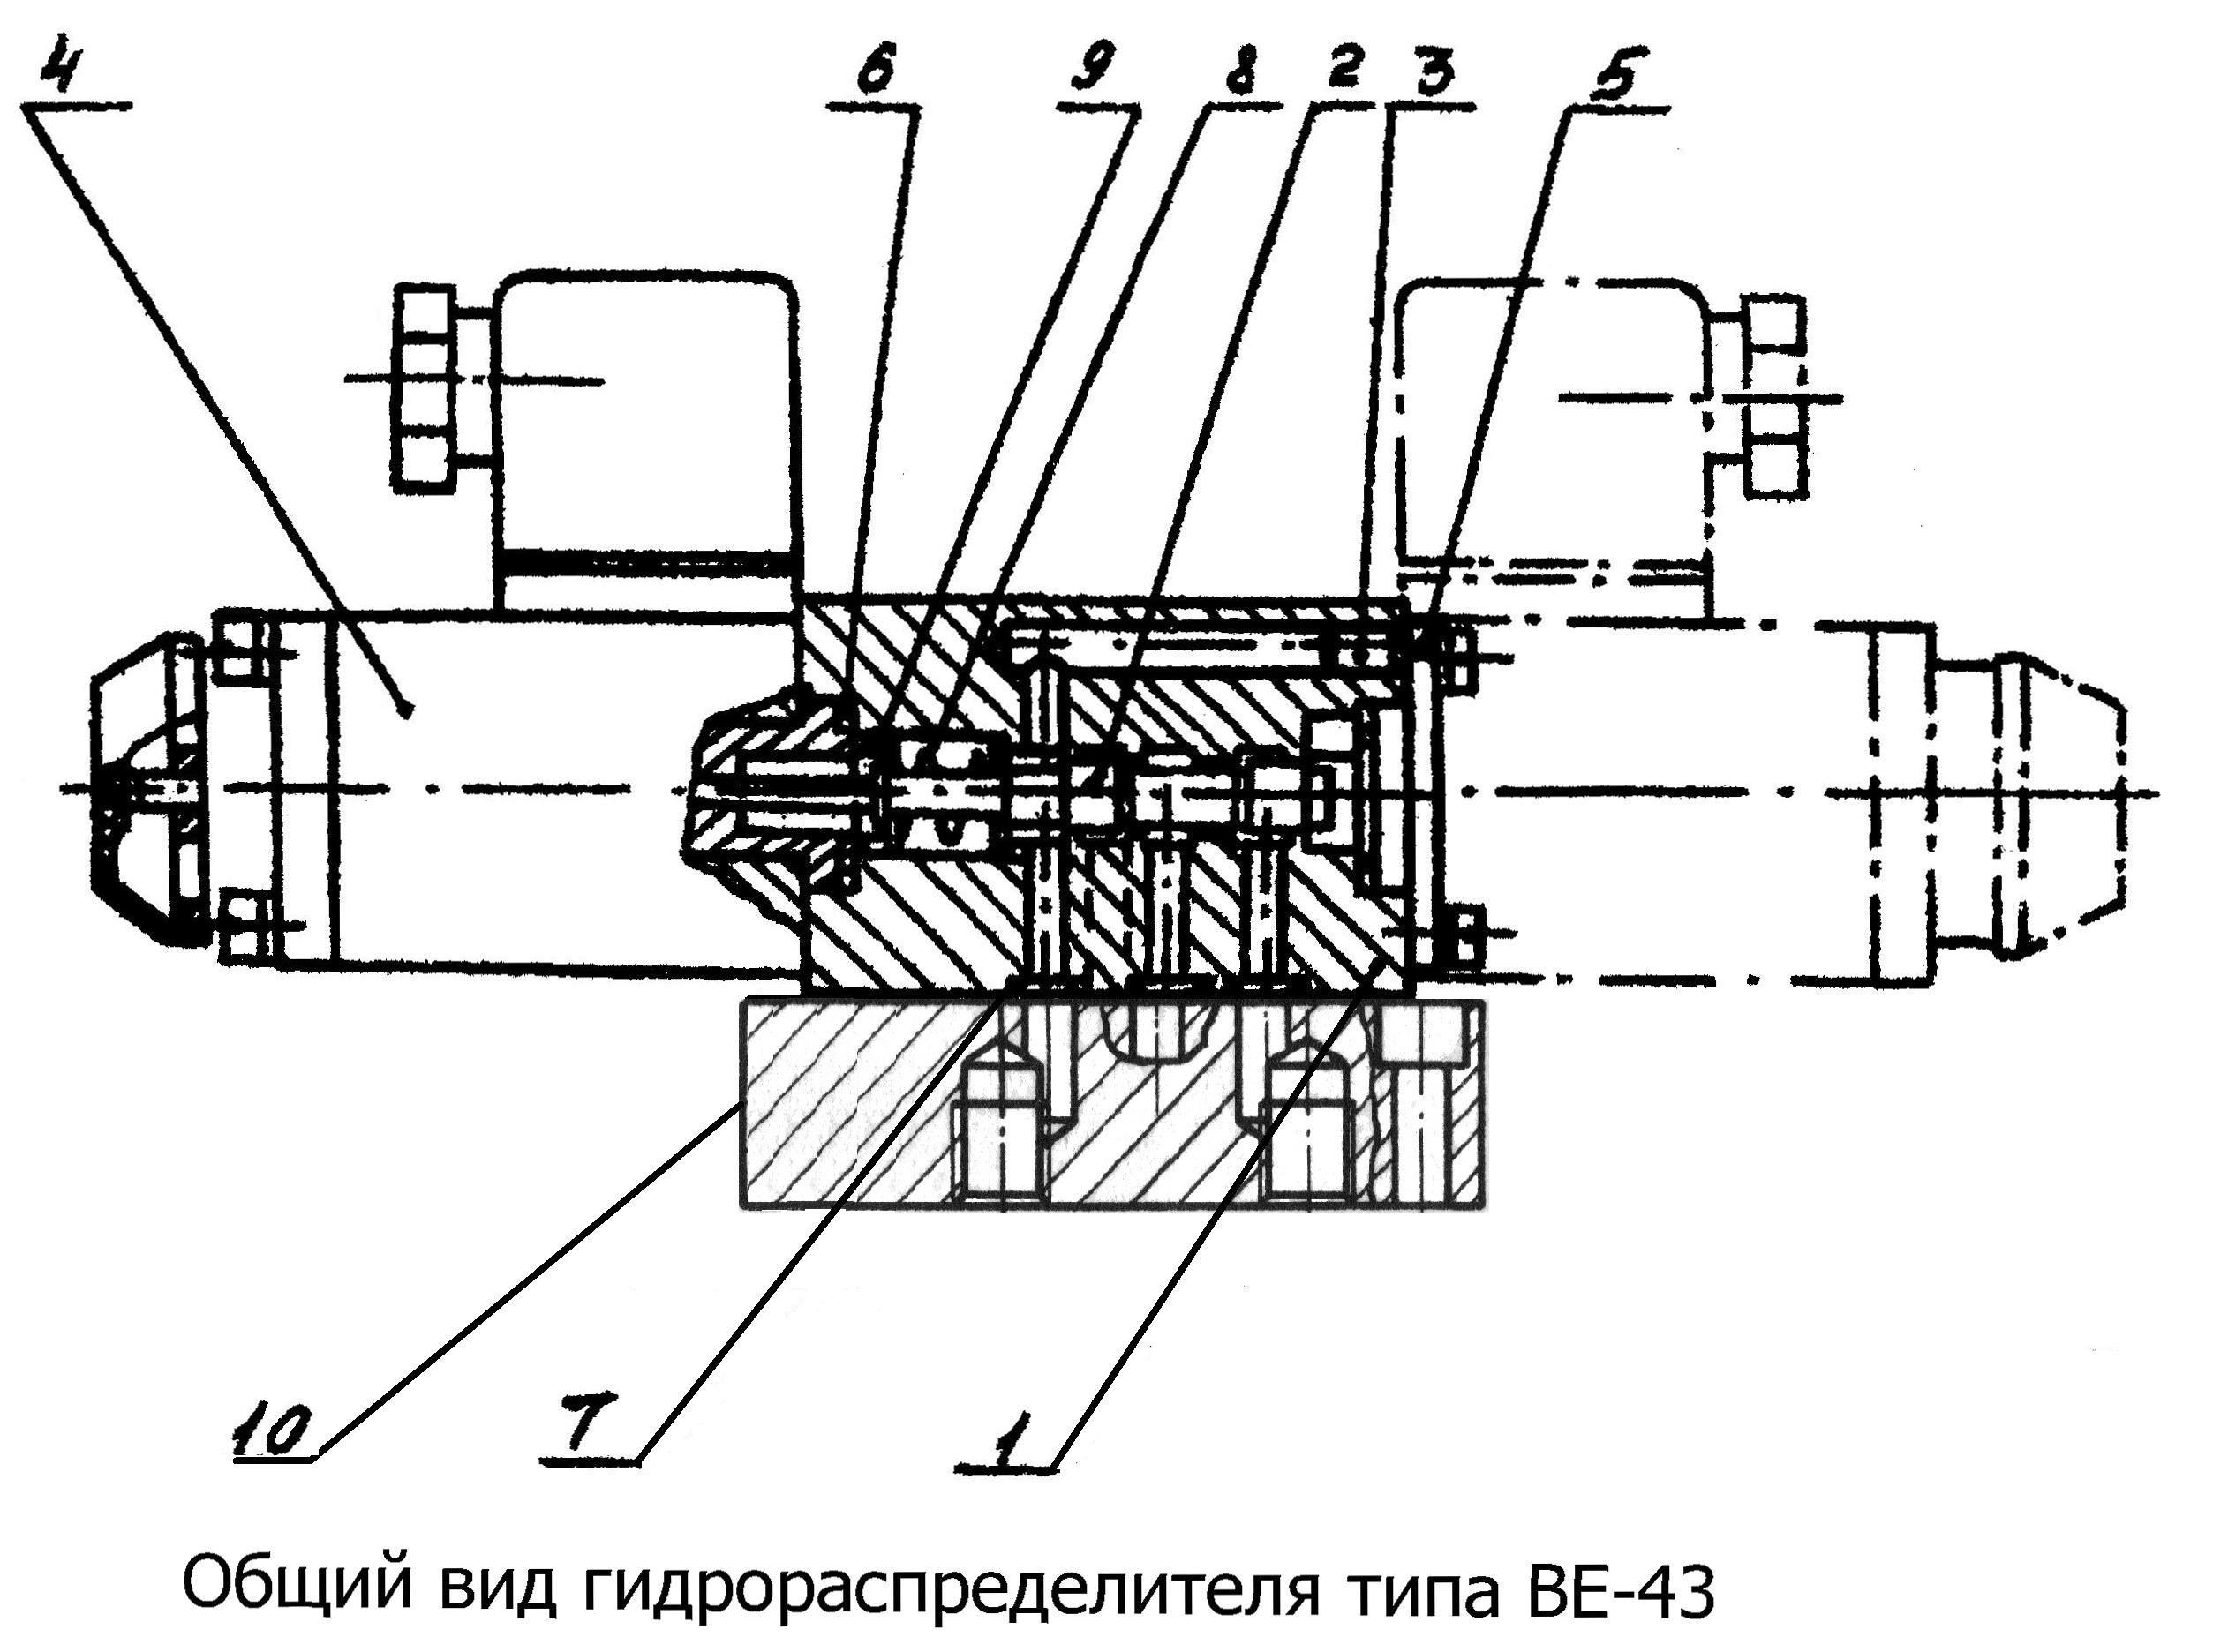 Гидрораспределитель ВЕ43 общий вид